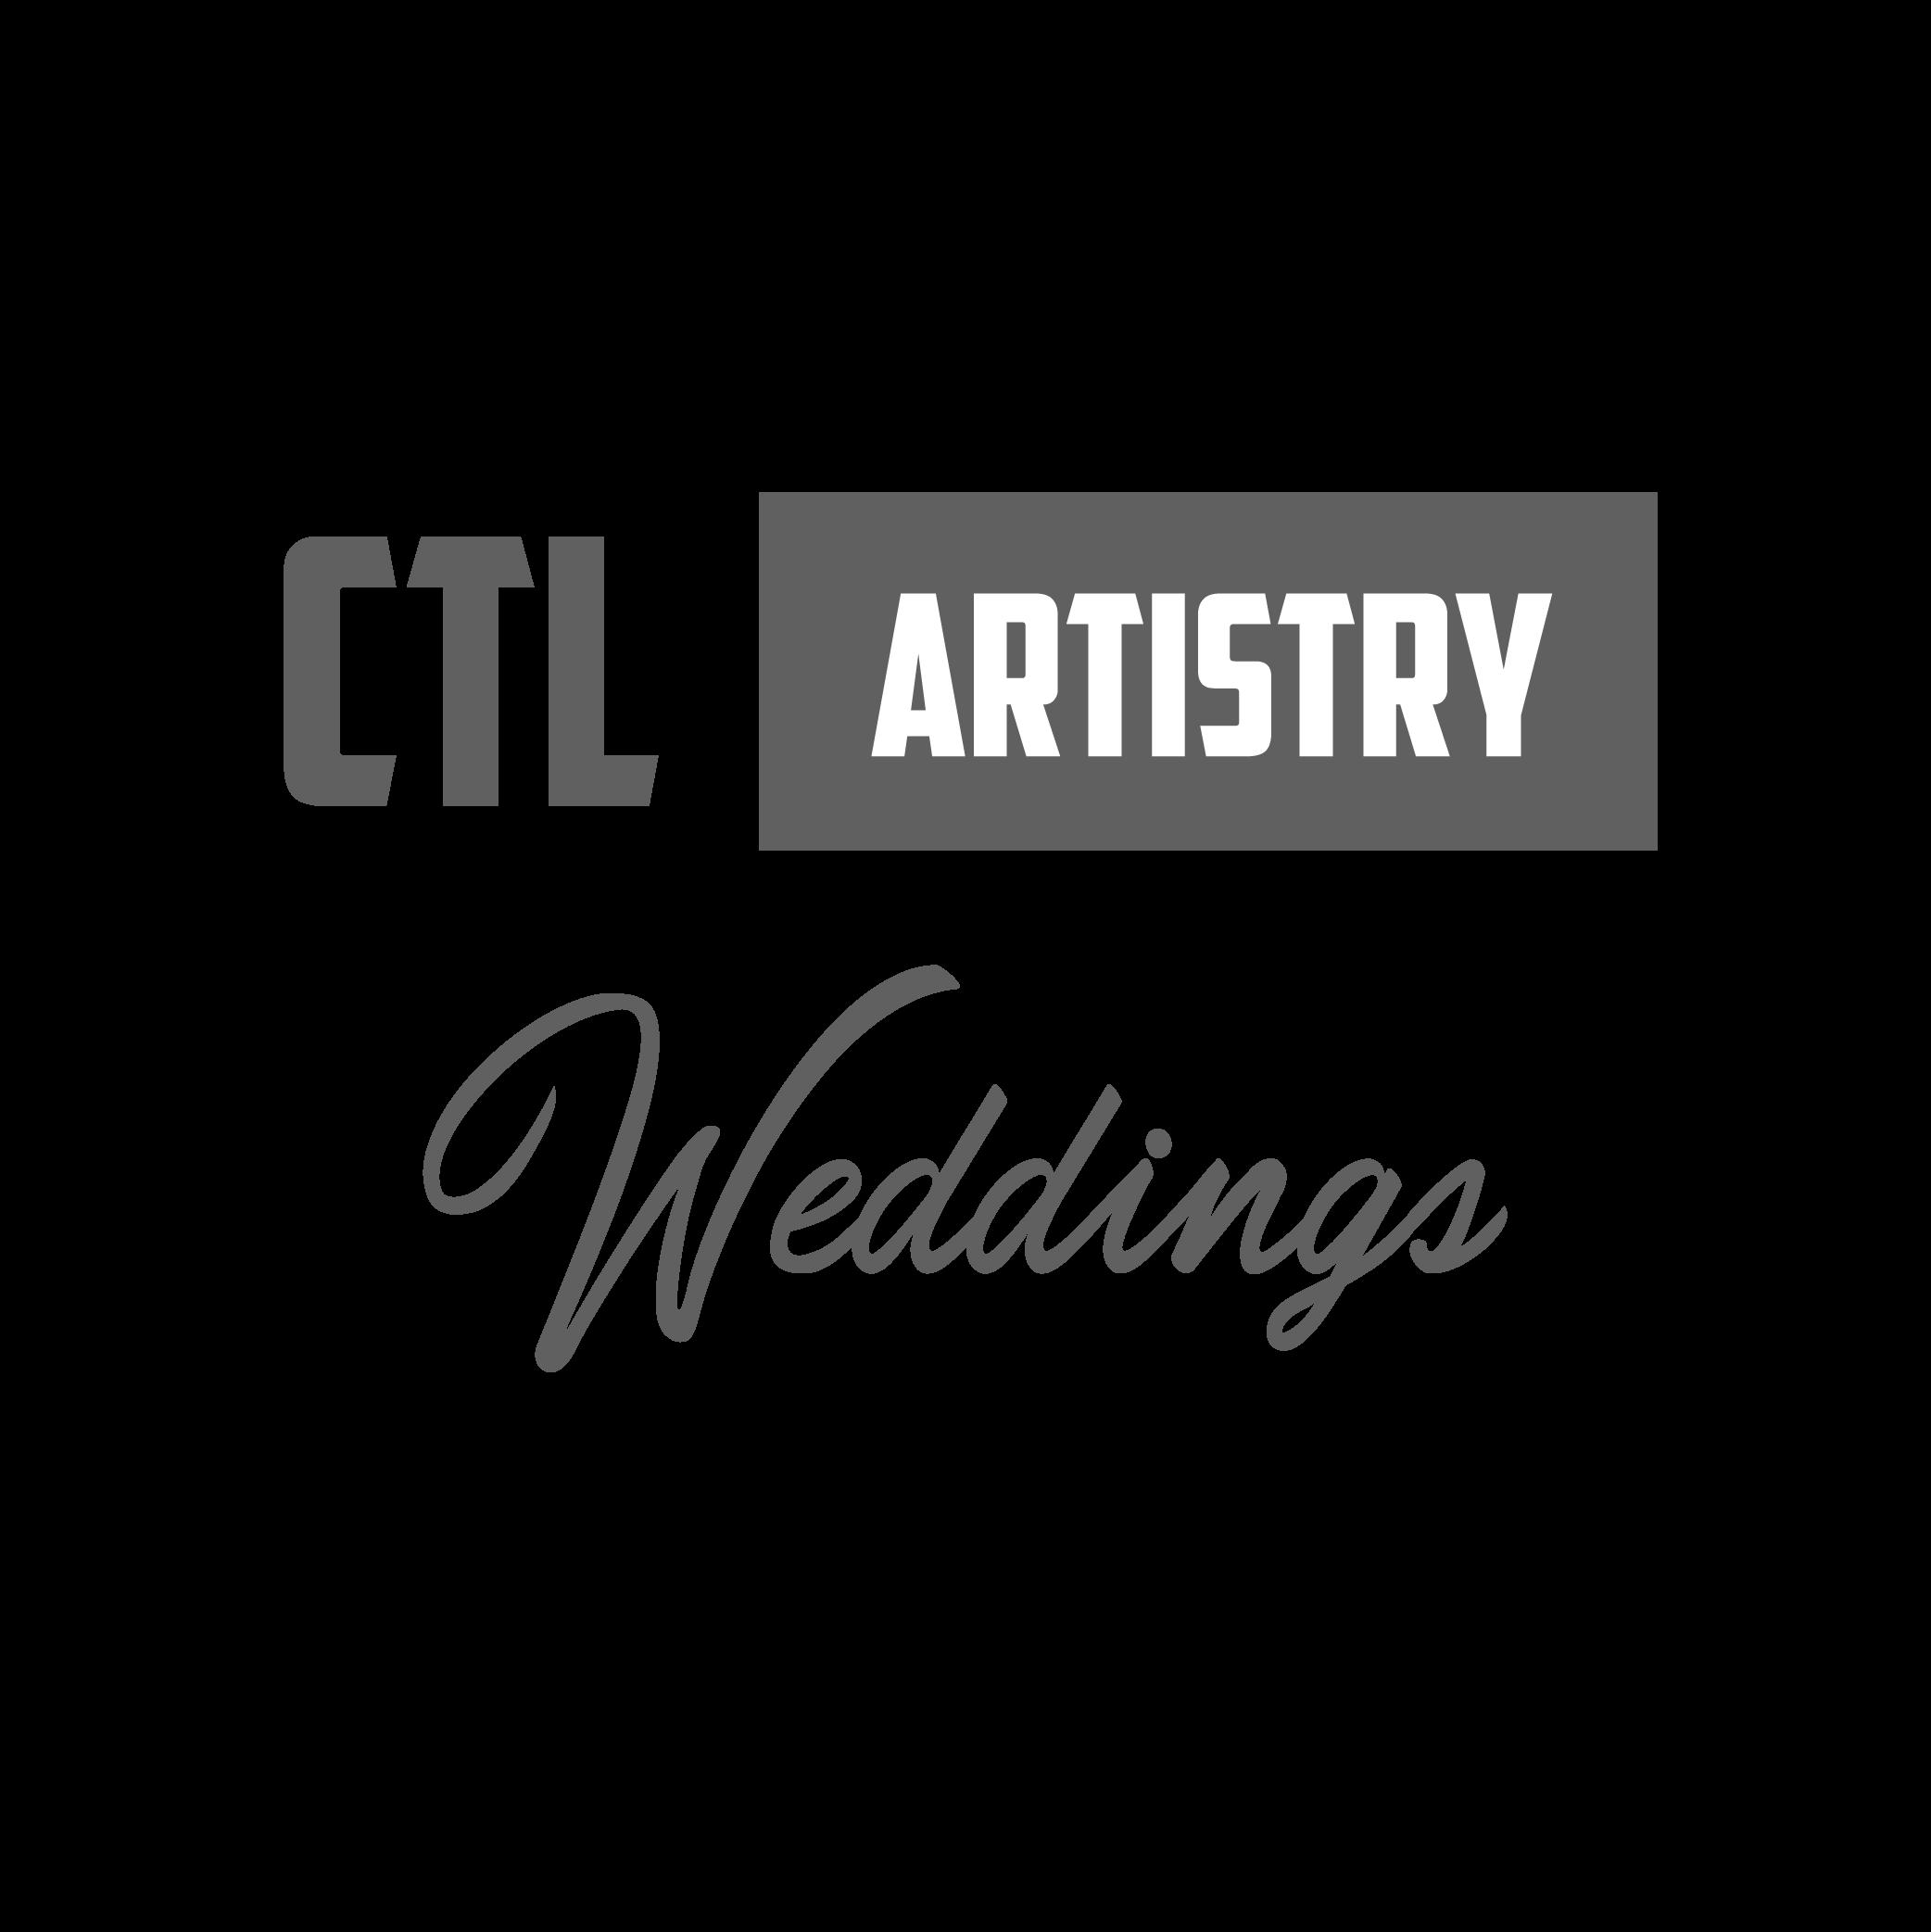 WEDDINGS_CTL_ARTISTRY_FINAL_WEDDINGS WHITE.png